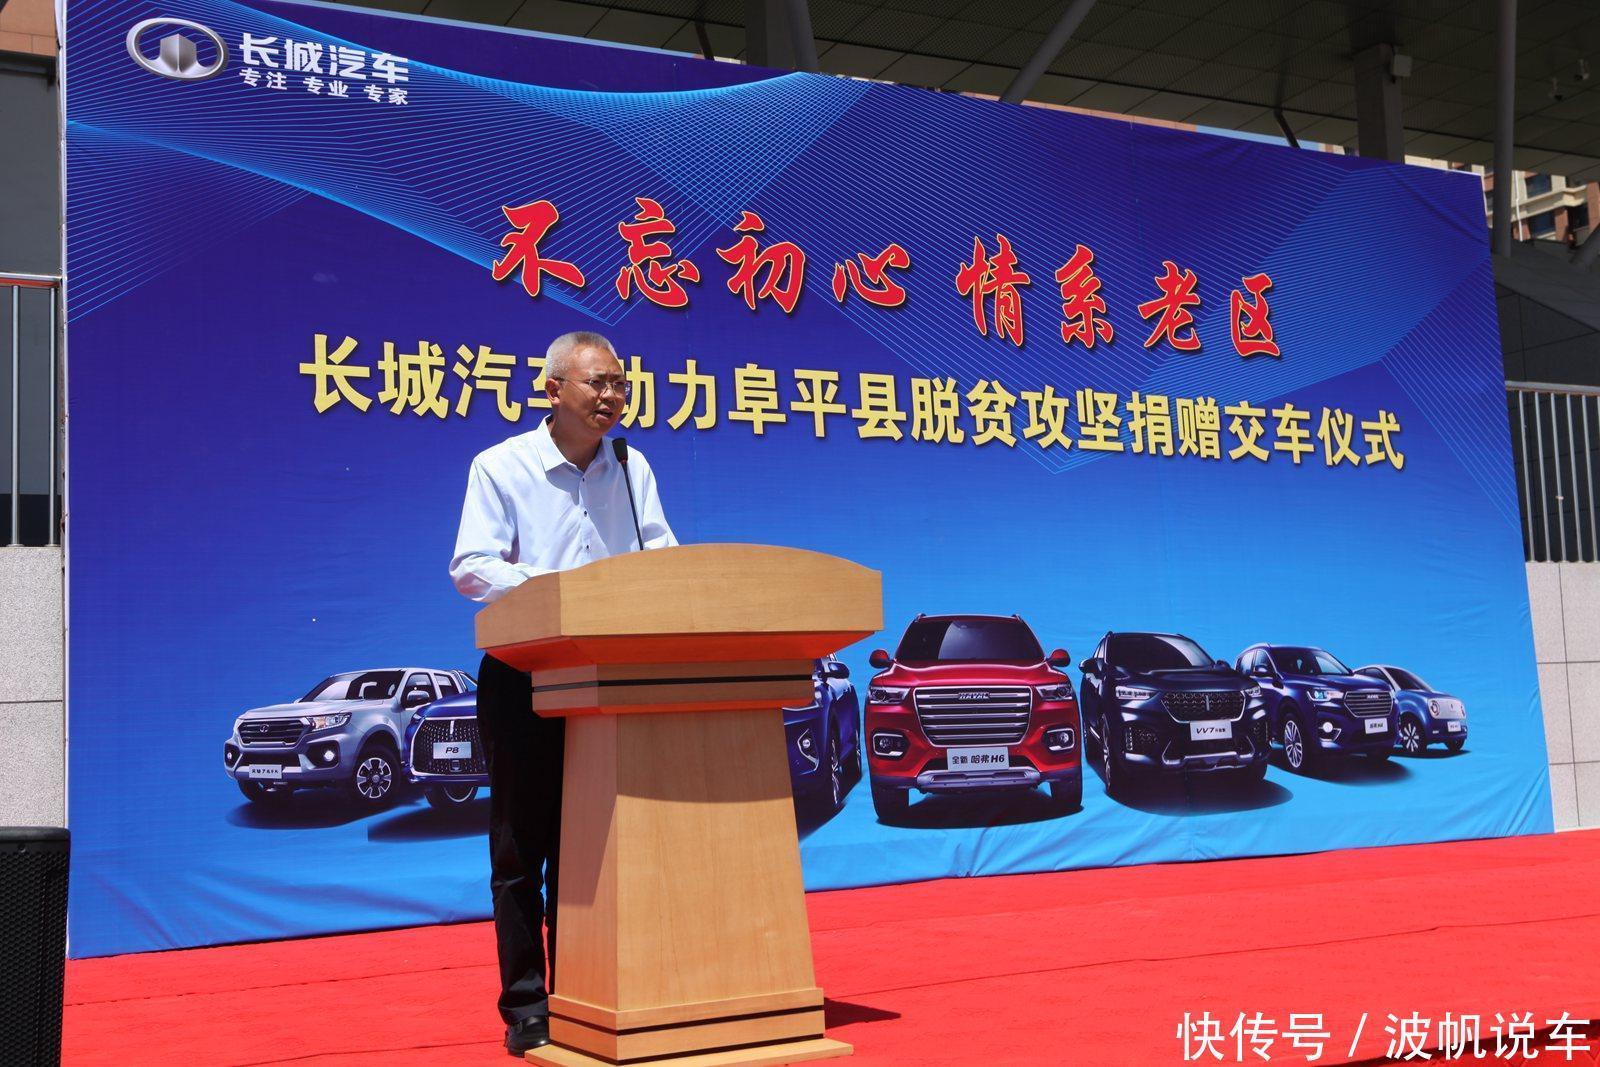 长城汽车设备千万元潮流及车辆正式捐赠阜平县林弯弯价值t恤图片